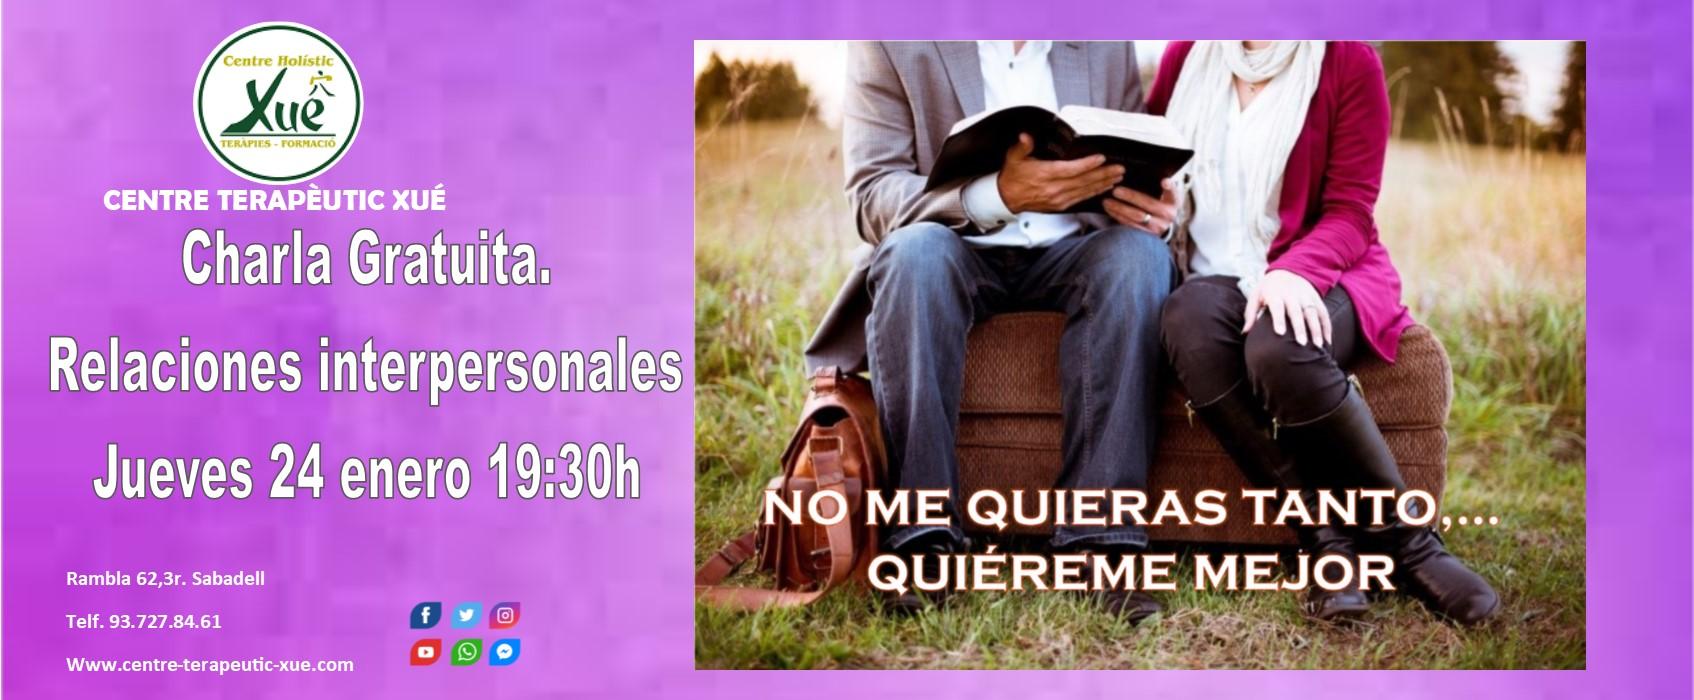 charla gratuita relaciones interpersonales